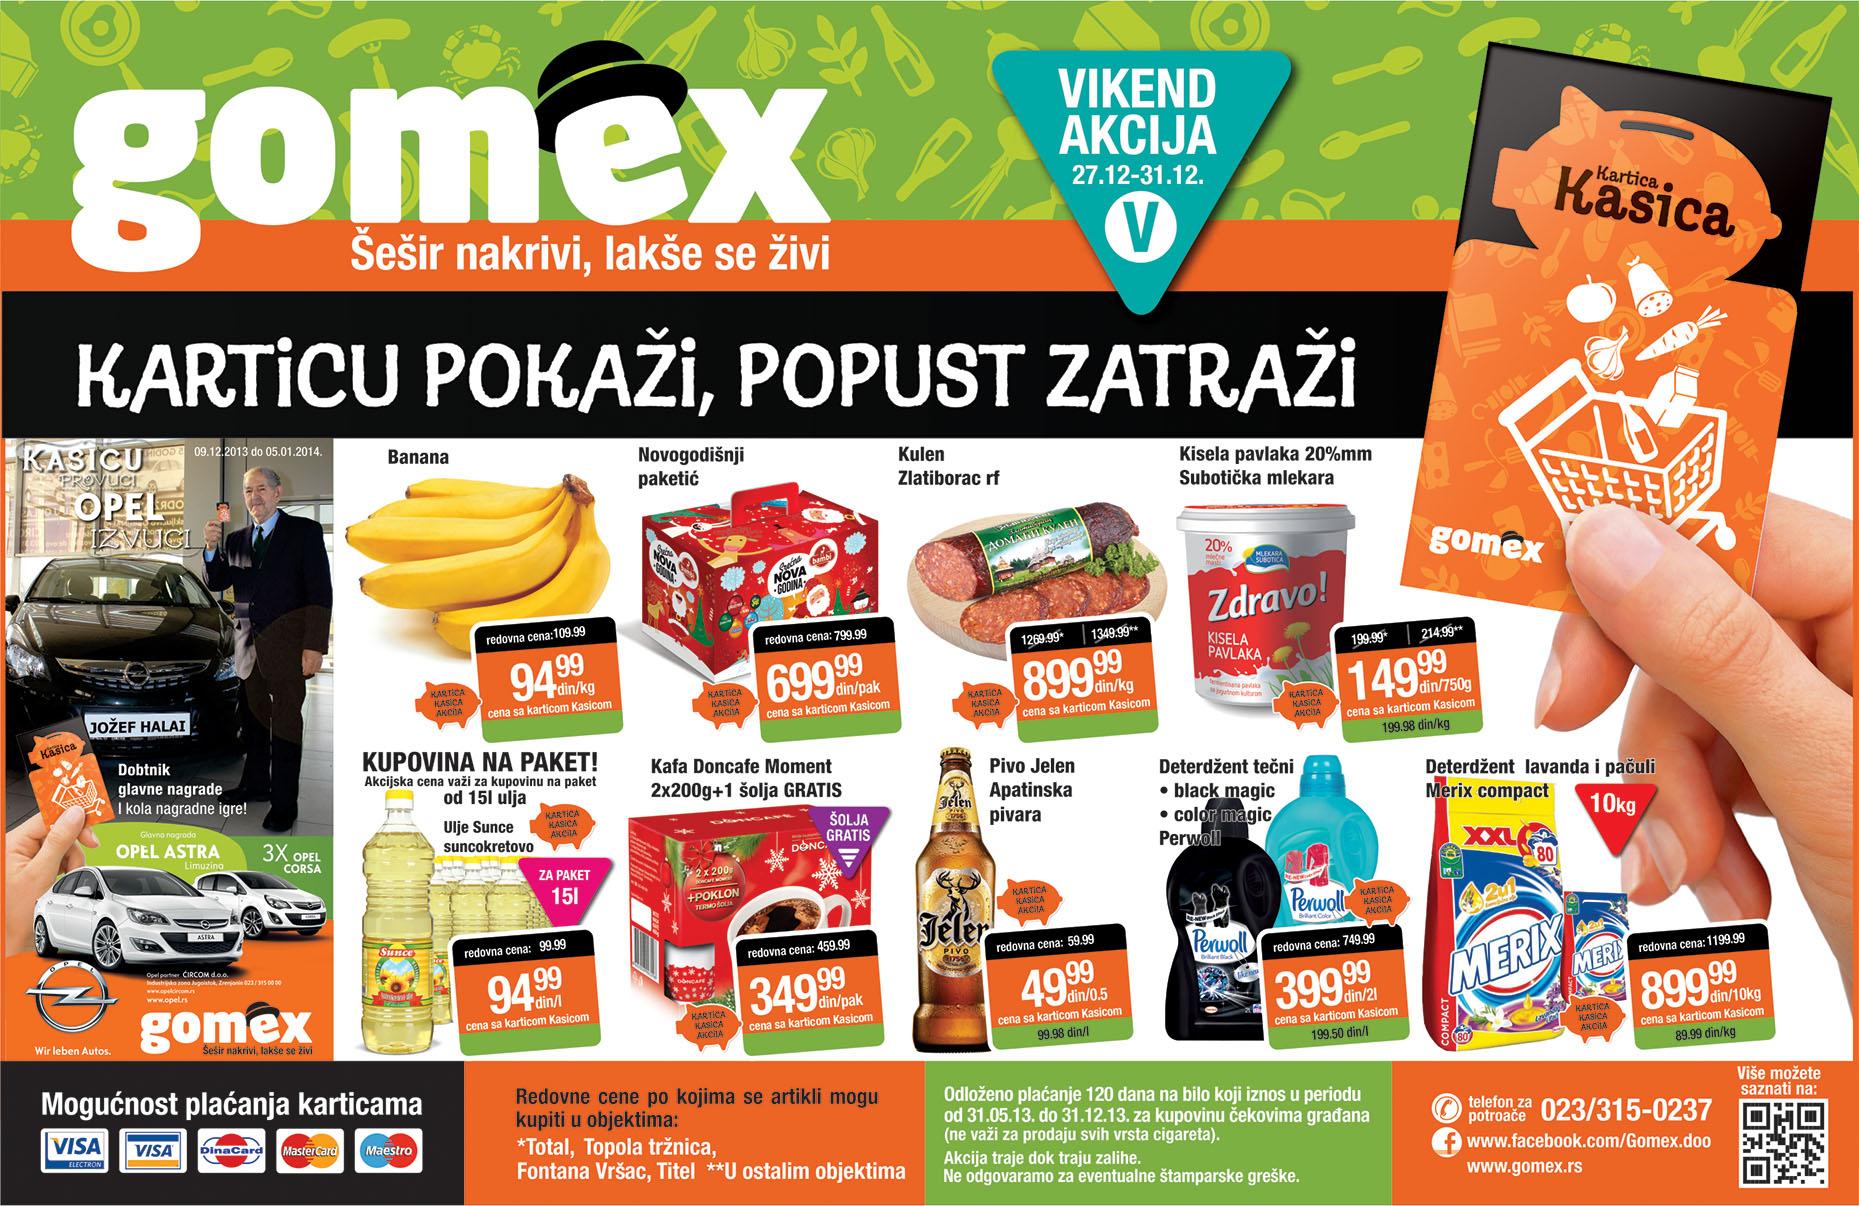 Gomex akcija super novogodišnja ponuda